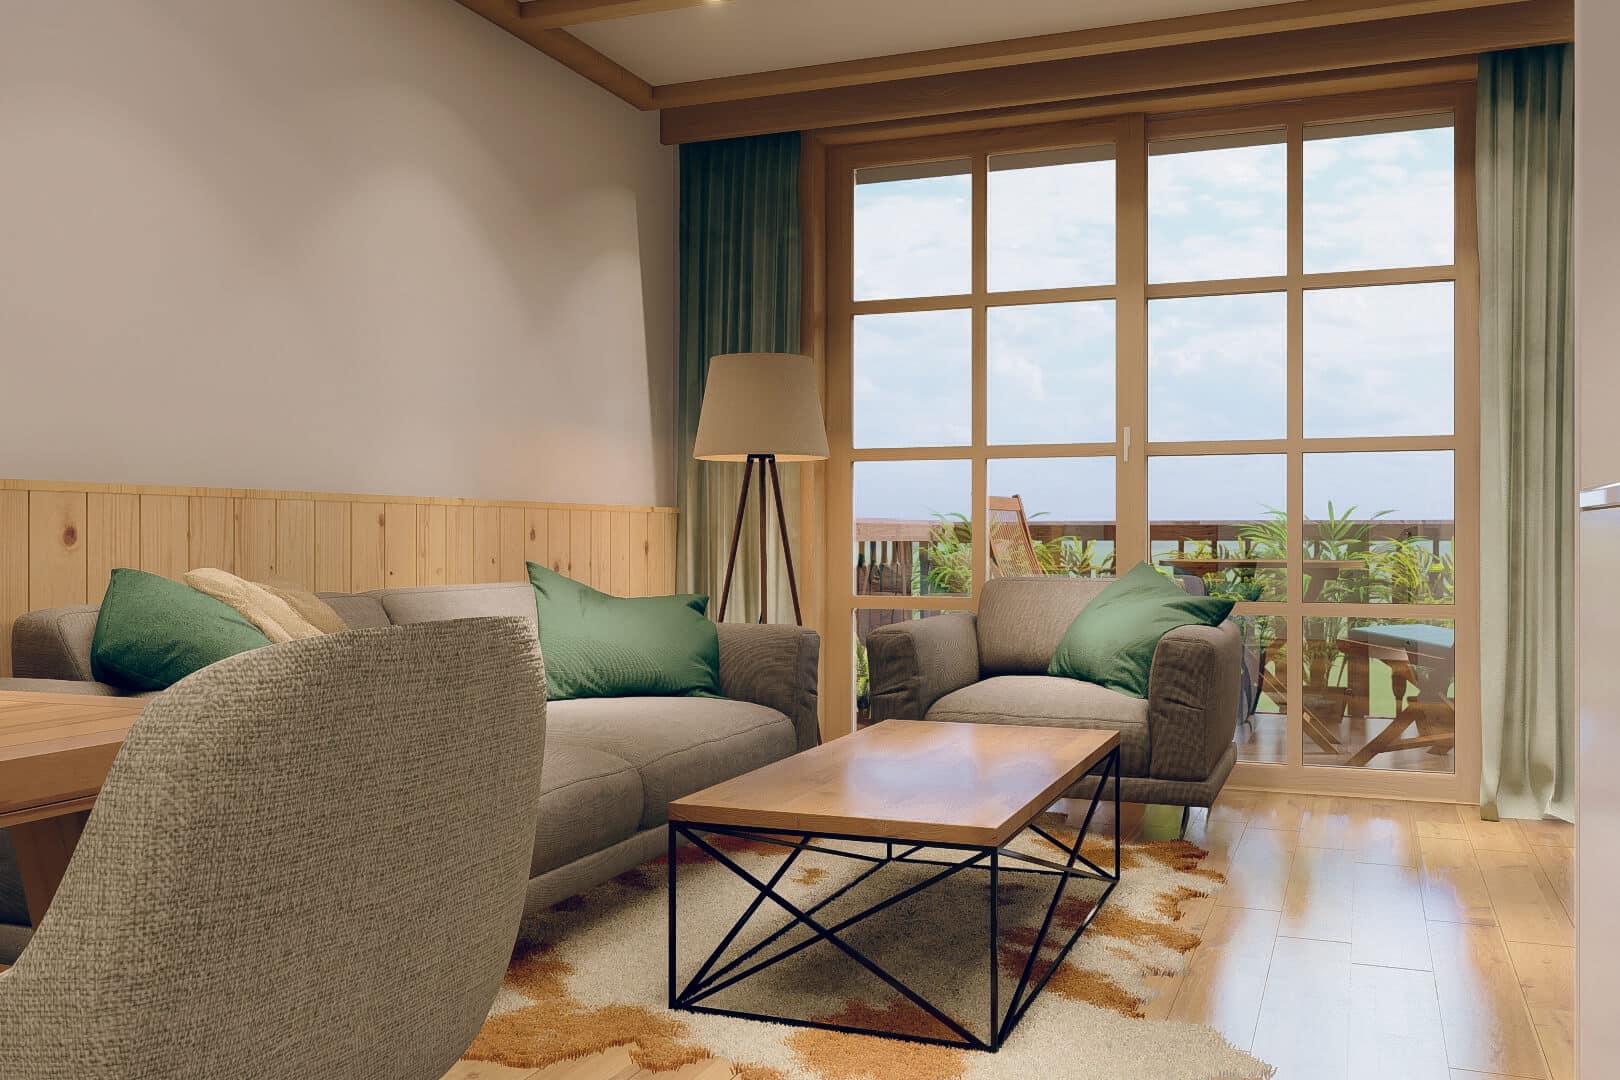 Wohnbereich zum Wohlfühlen in den Schwarzenbach Ferienwohnungen mit Pool